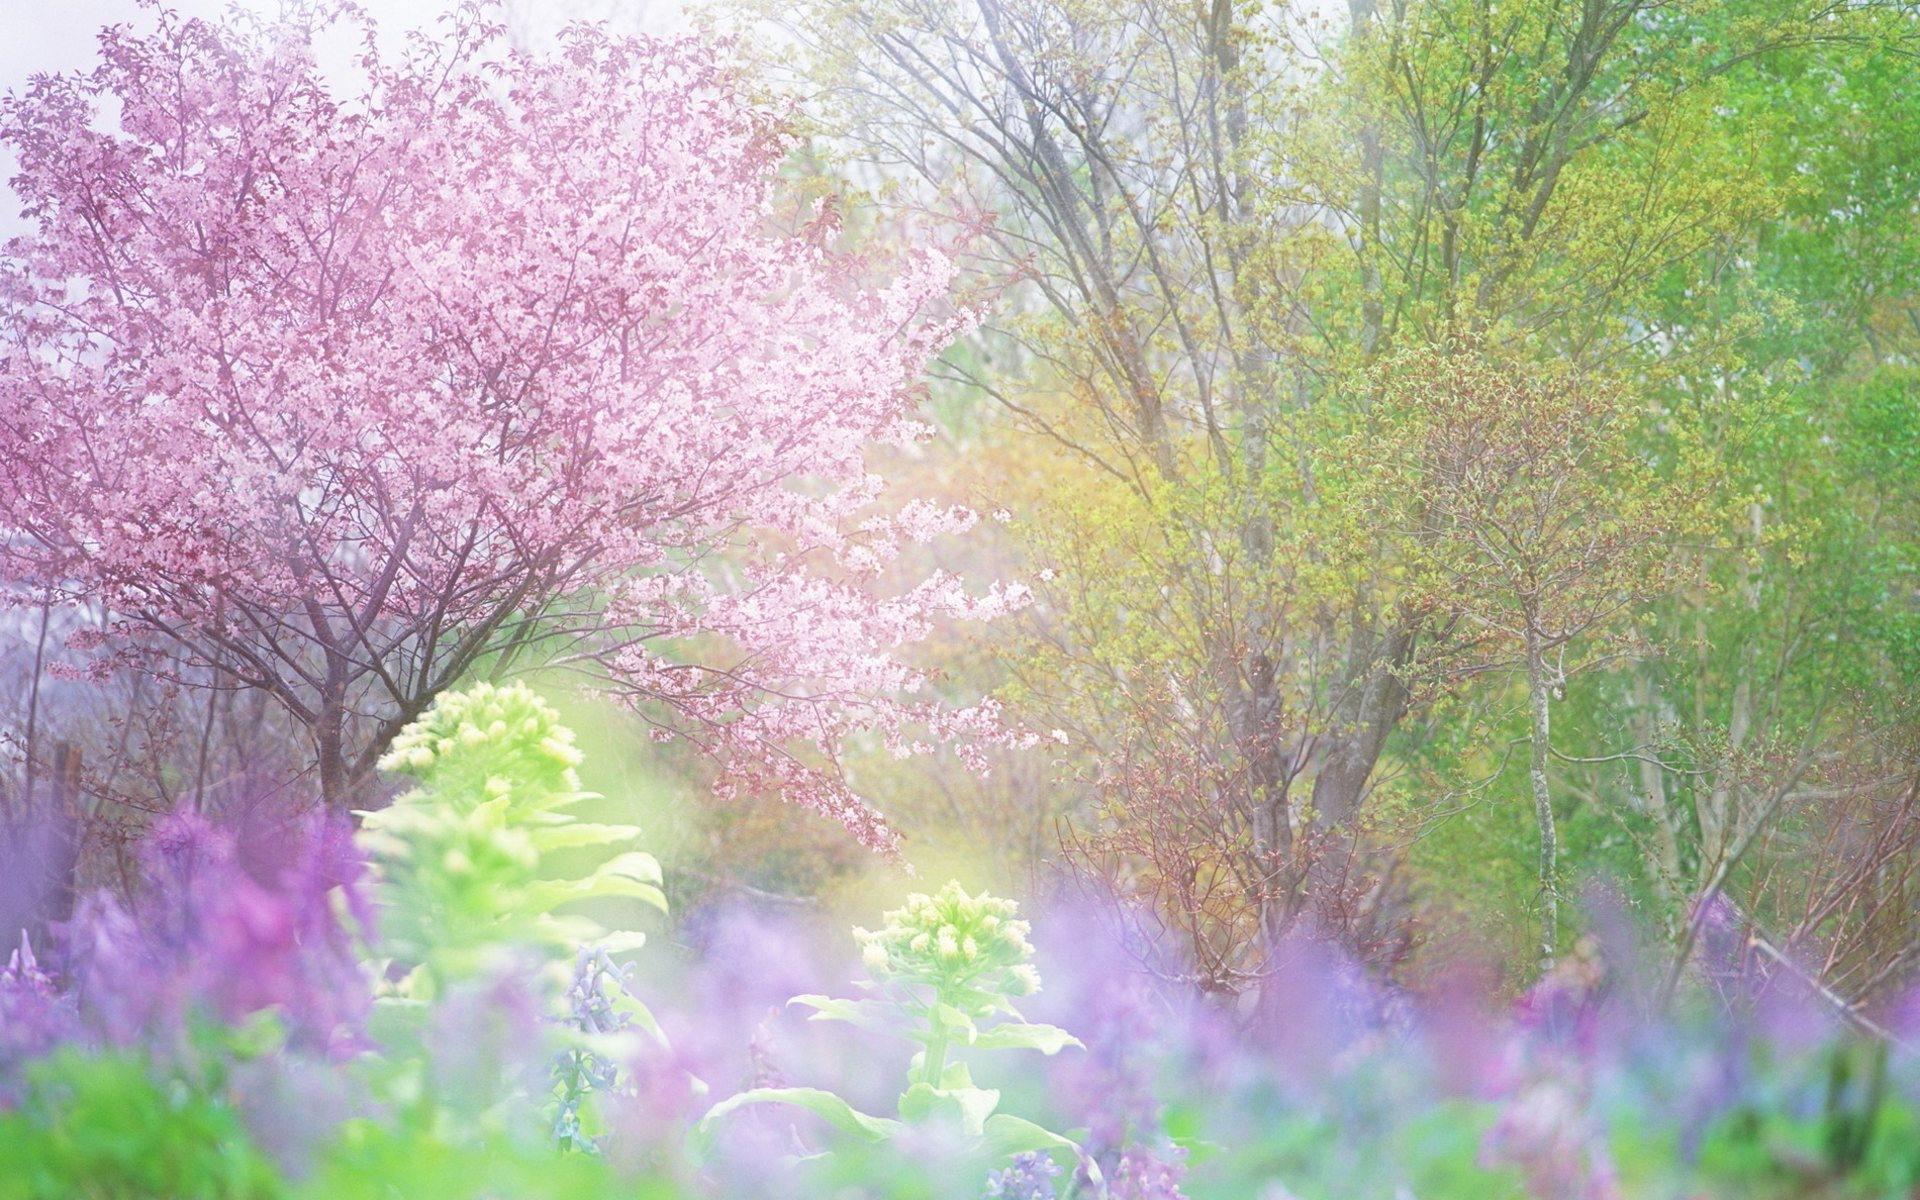 картинки про весну красивые для презентации наслаждения